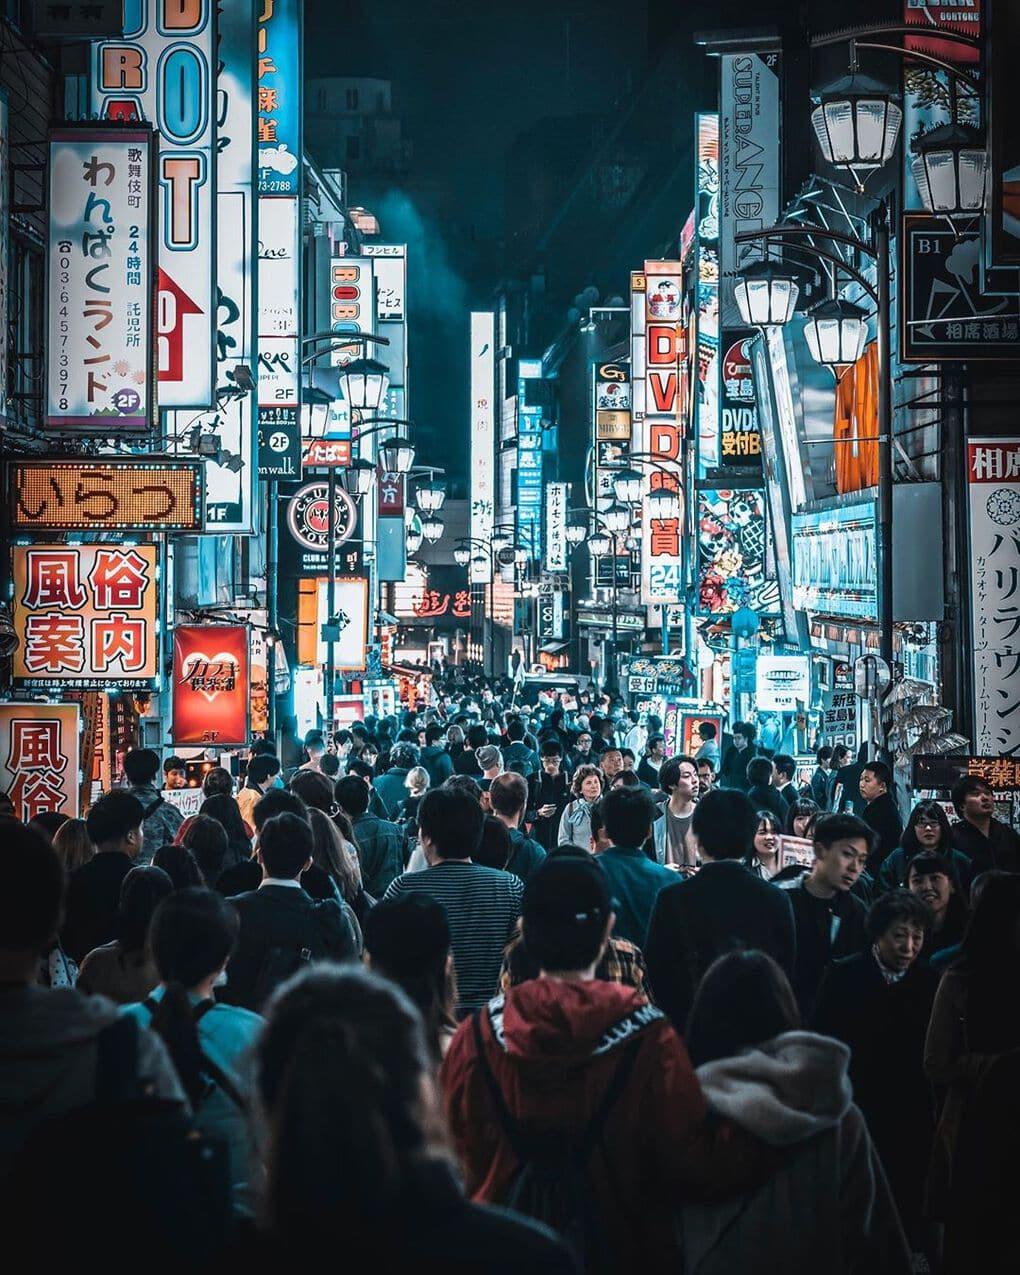 jungraphy 59168561 583415482156662 45805090990840407 n - 25 работ фотографа из Токио, которые погрузят вас в магическую атмосферу ночных японских улиц